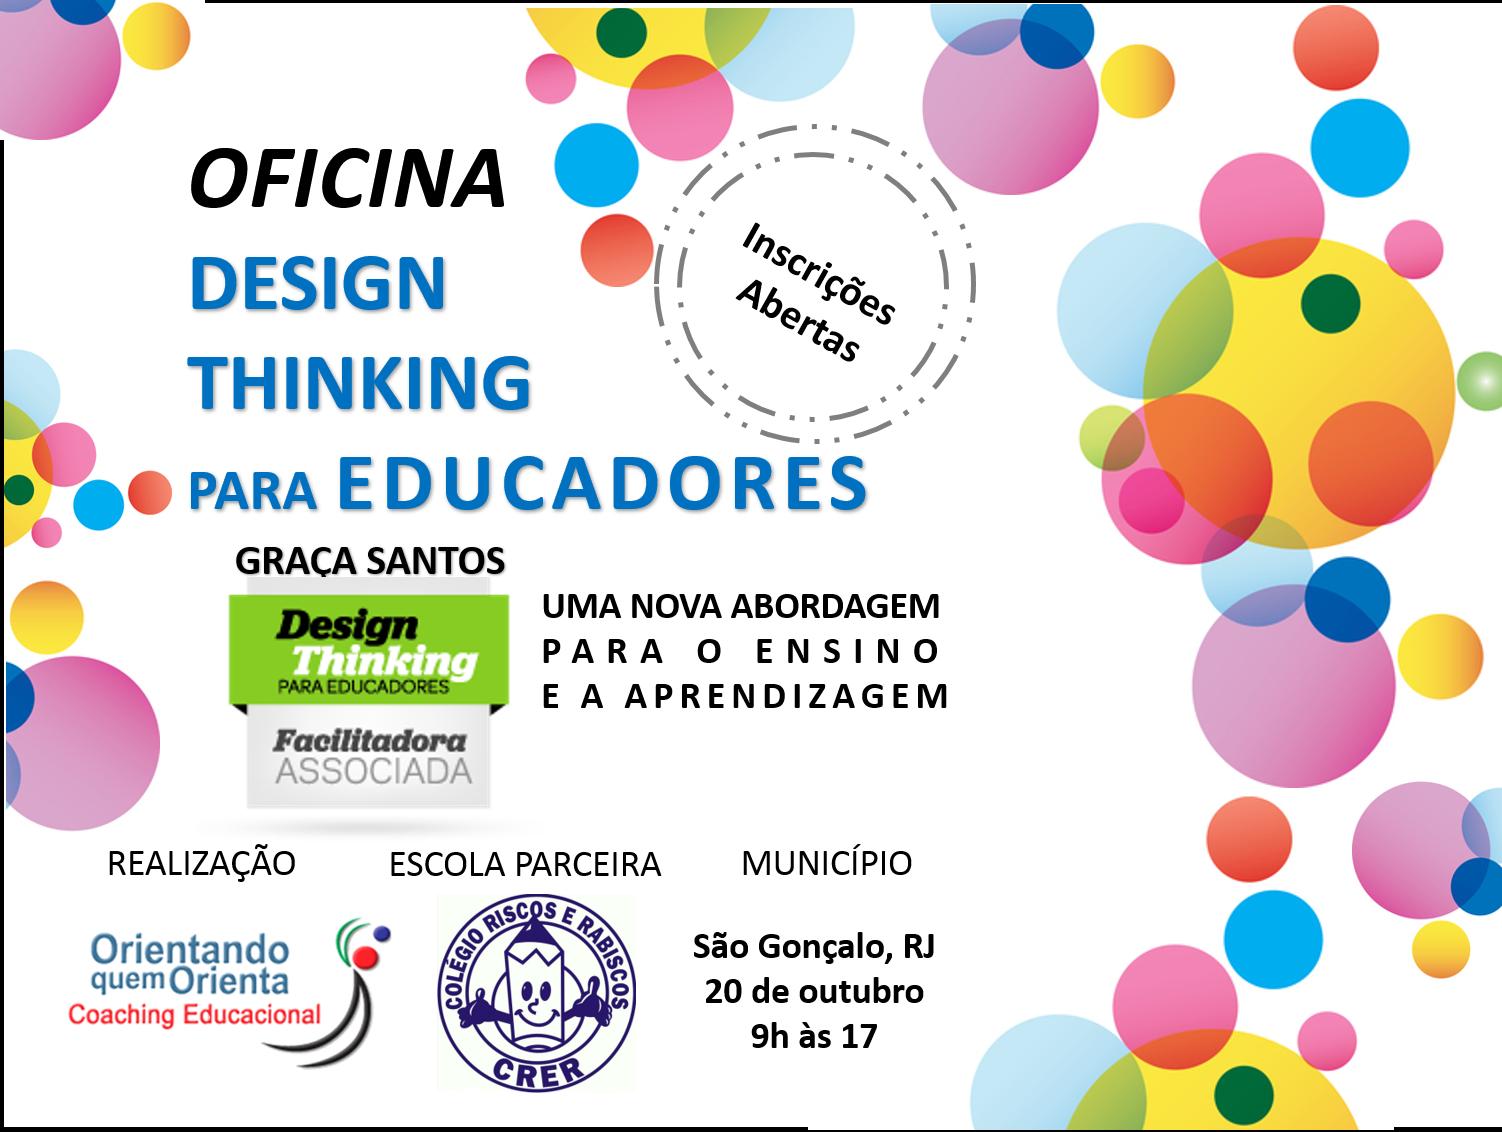 Oficina Design Thinking para Educadores no Rio de Janeiro